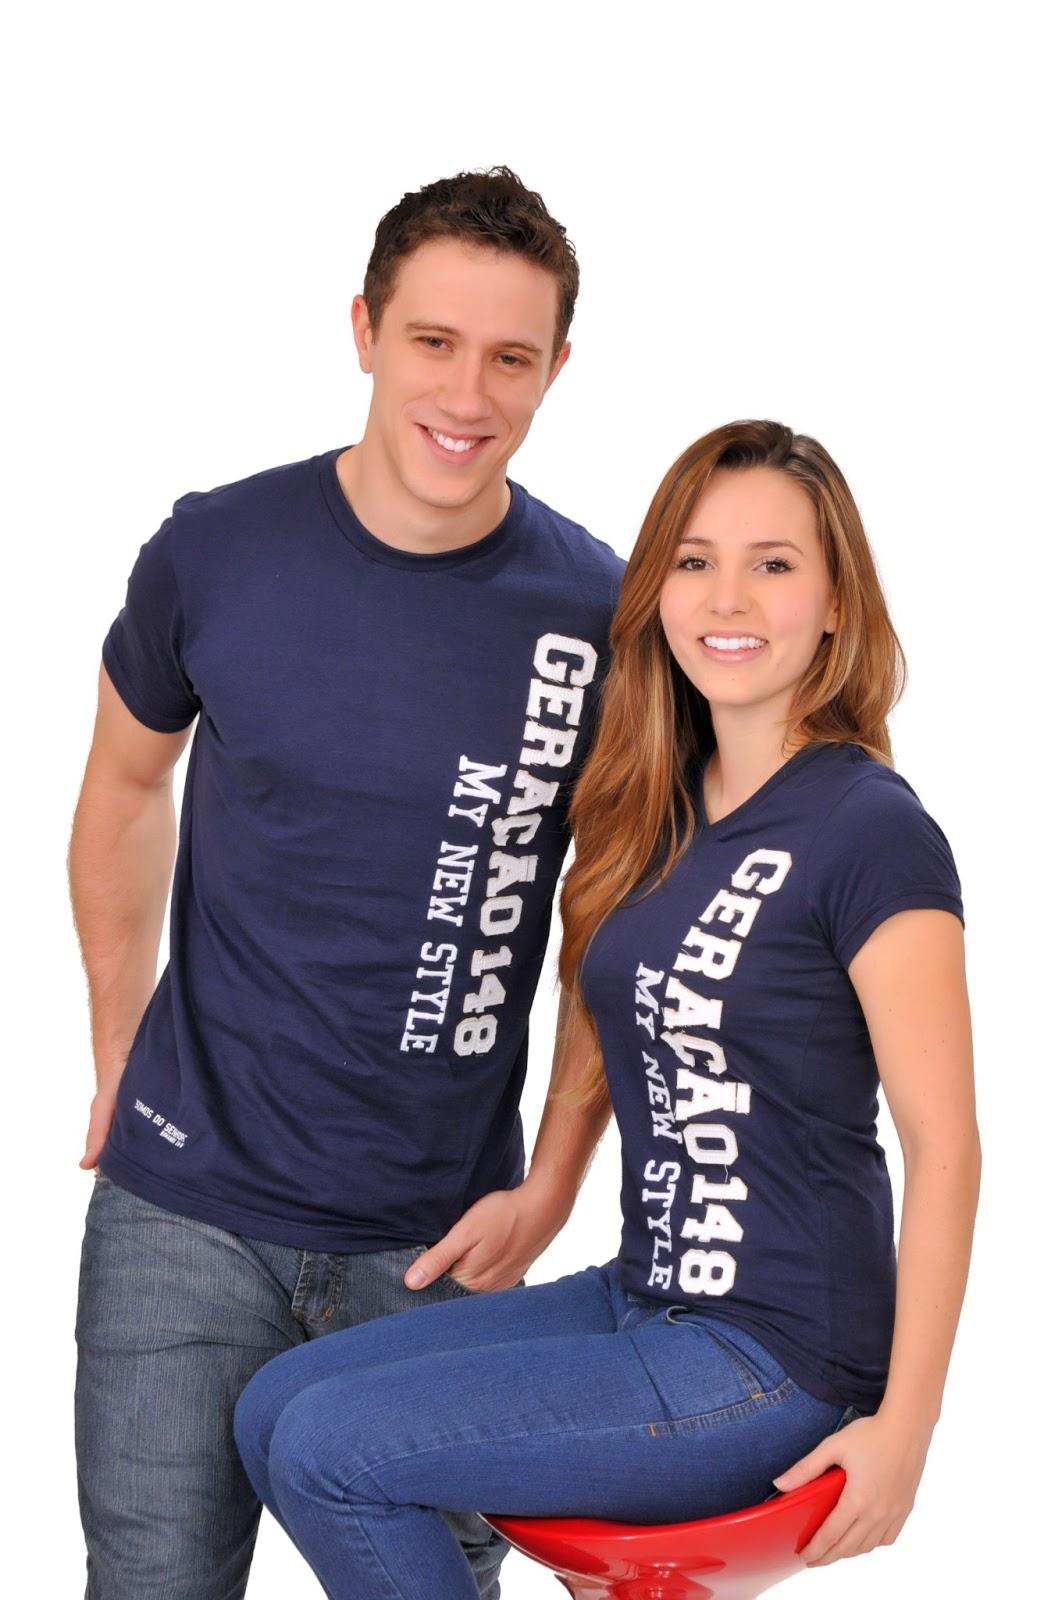 6c4268c83 Camisetas  Geração 148